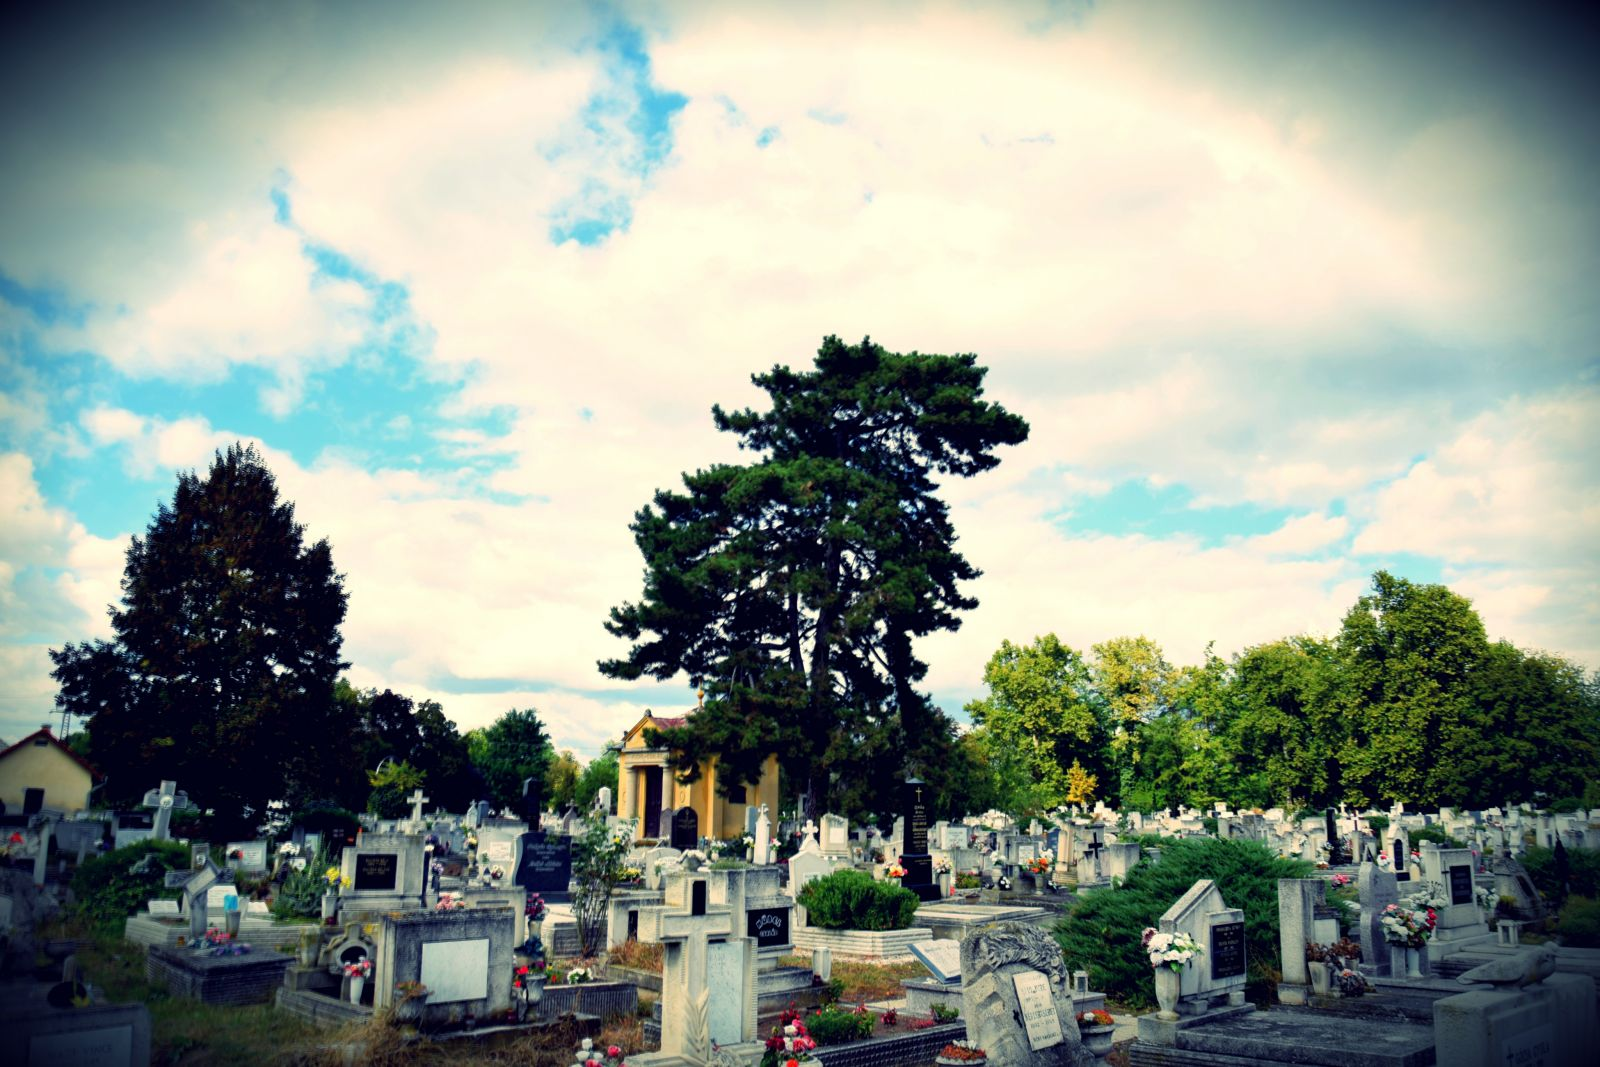 Decembertől önkormányzati üzemeltetésbe kerülnek a temetők